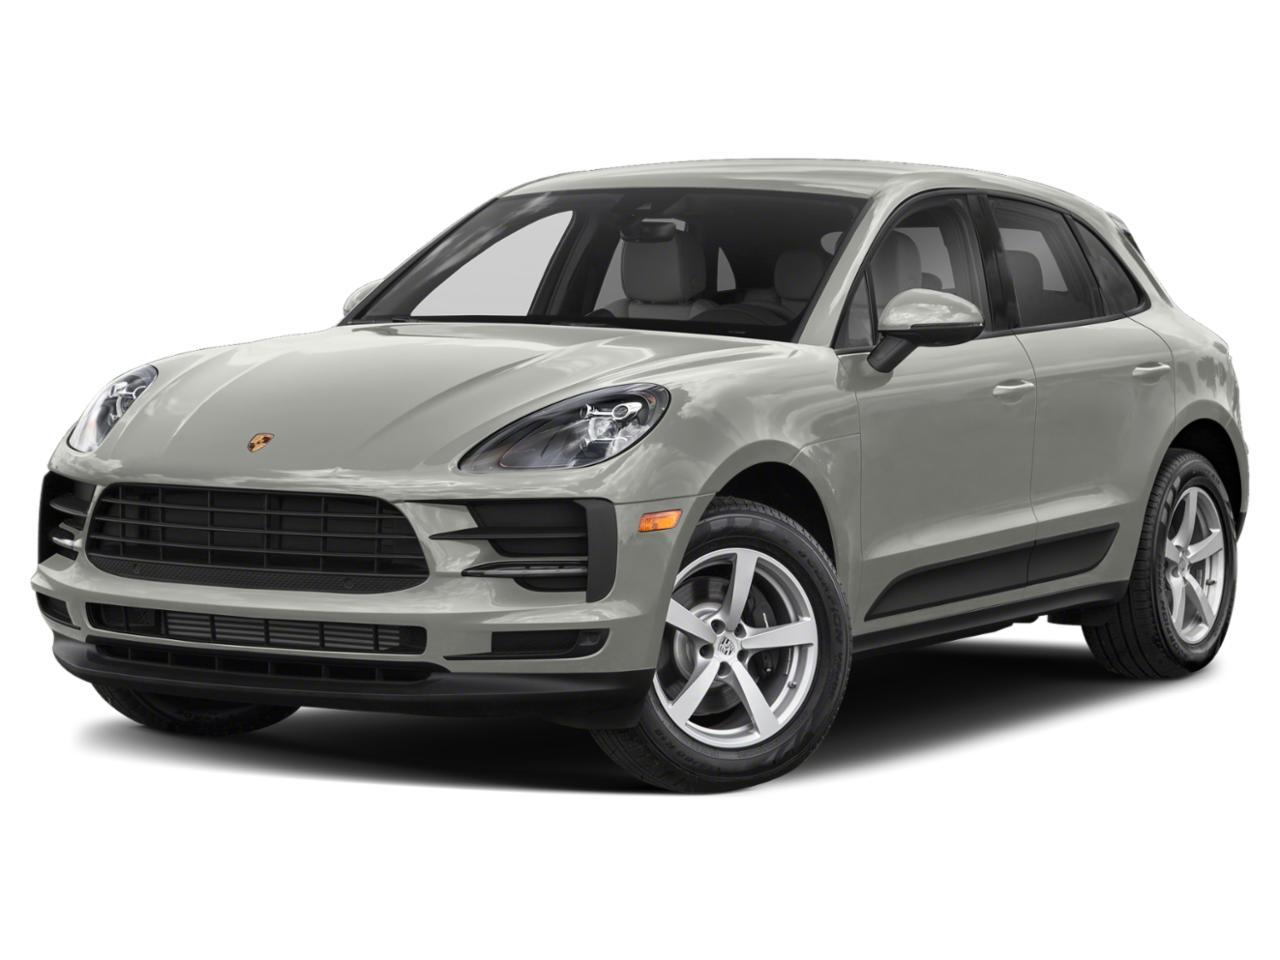 2020 Porsche Macan Vehicle Photo in Appleton, WI 54913